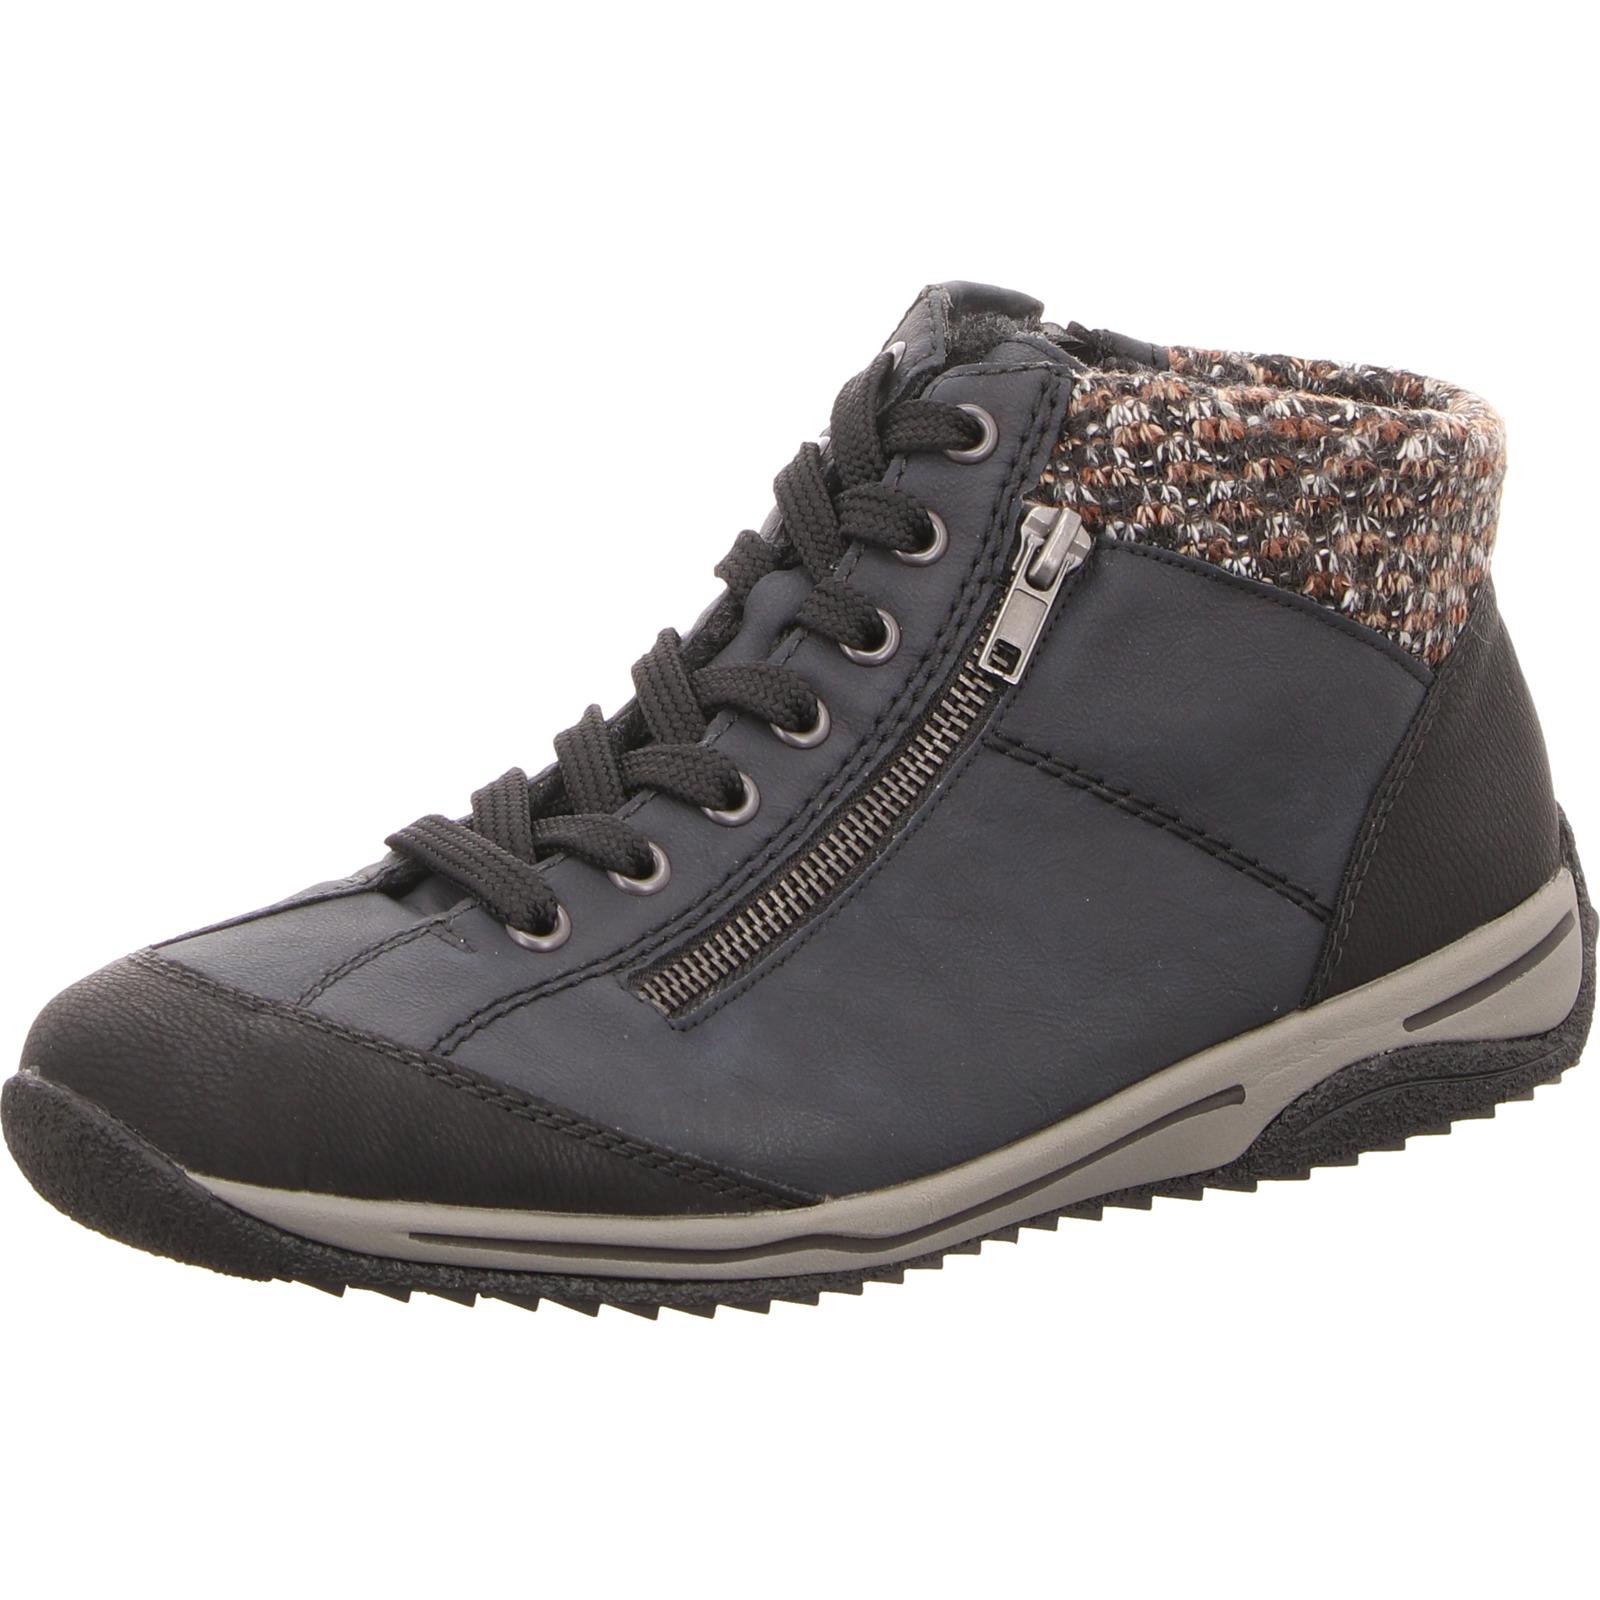 meet ce99e d05b2 ADIDAS STELLA Barricade Tennis Women s Women s Women s Shoes US Size 7.5  NWOB 244344